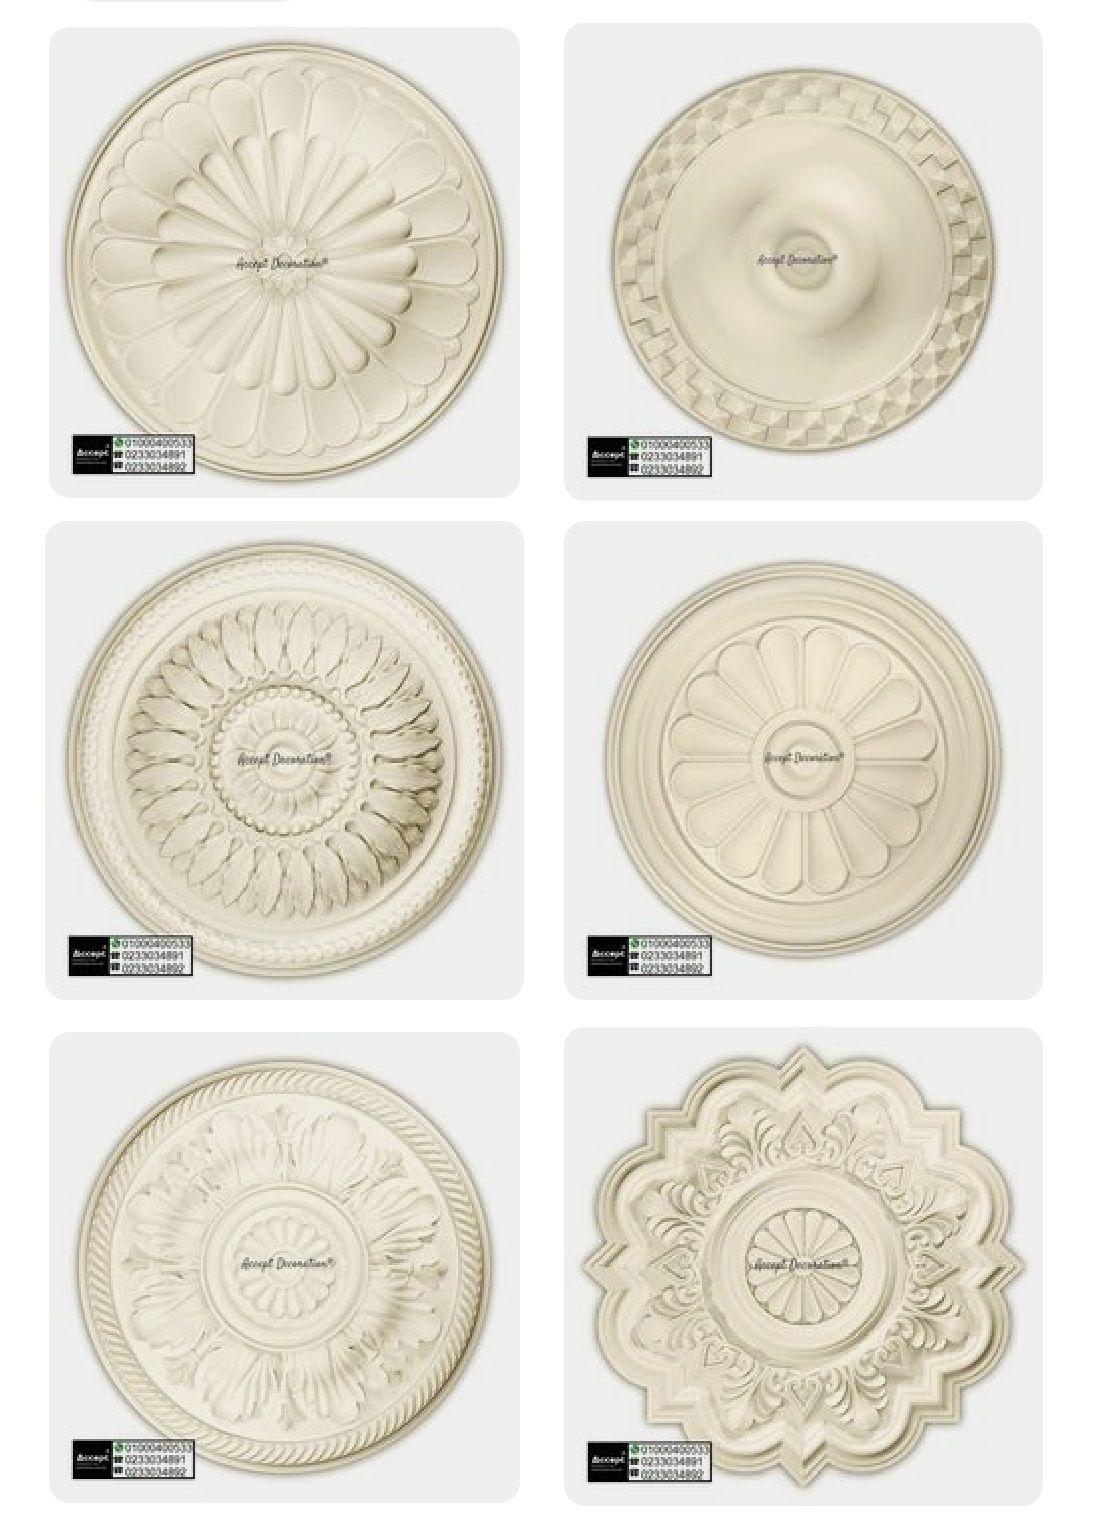 كرانيش سقف كرانيش سقف جبس مودرن كرانيش جاهزة كرانيش ماليزي بيتكوم Personalized Items Plates Tableware